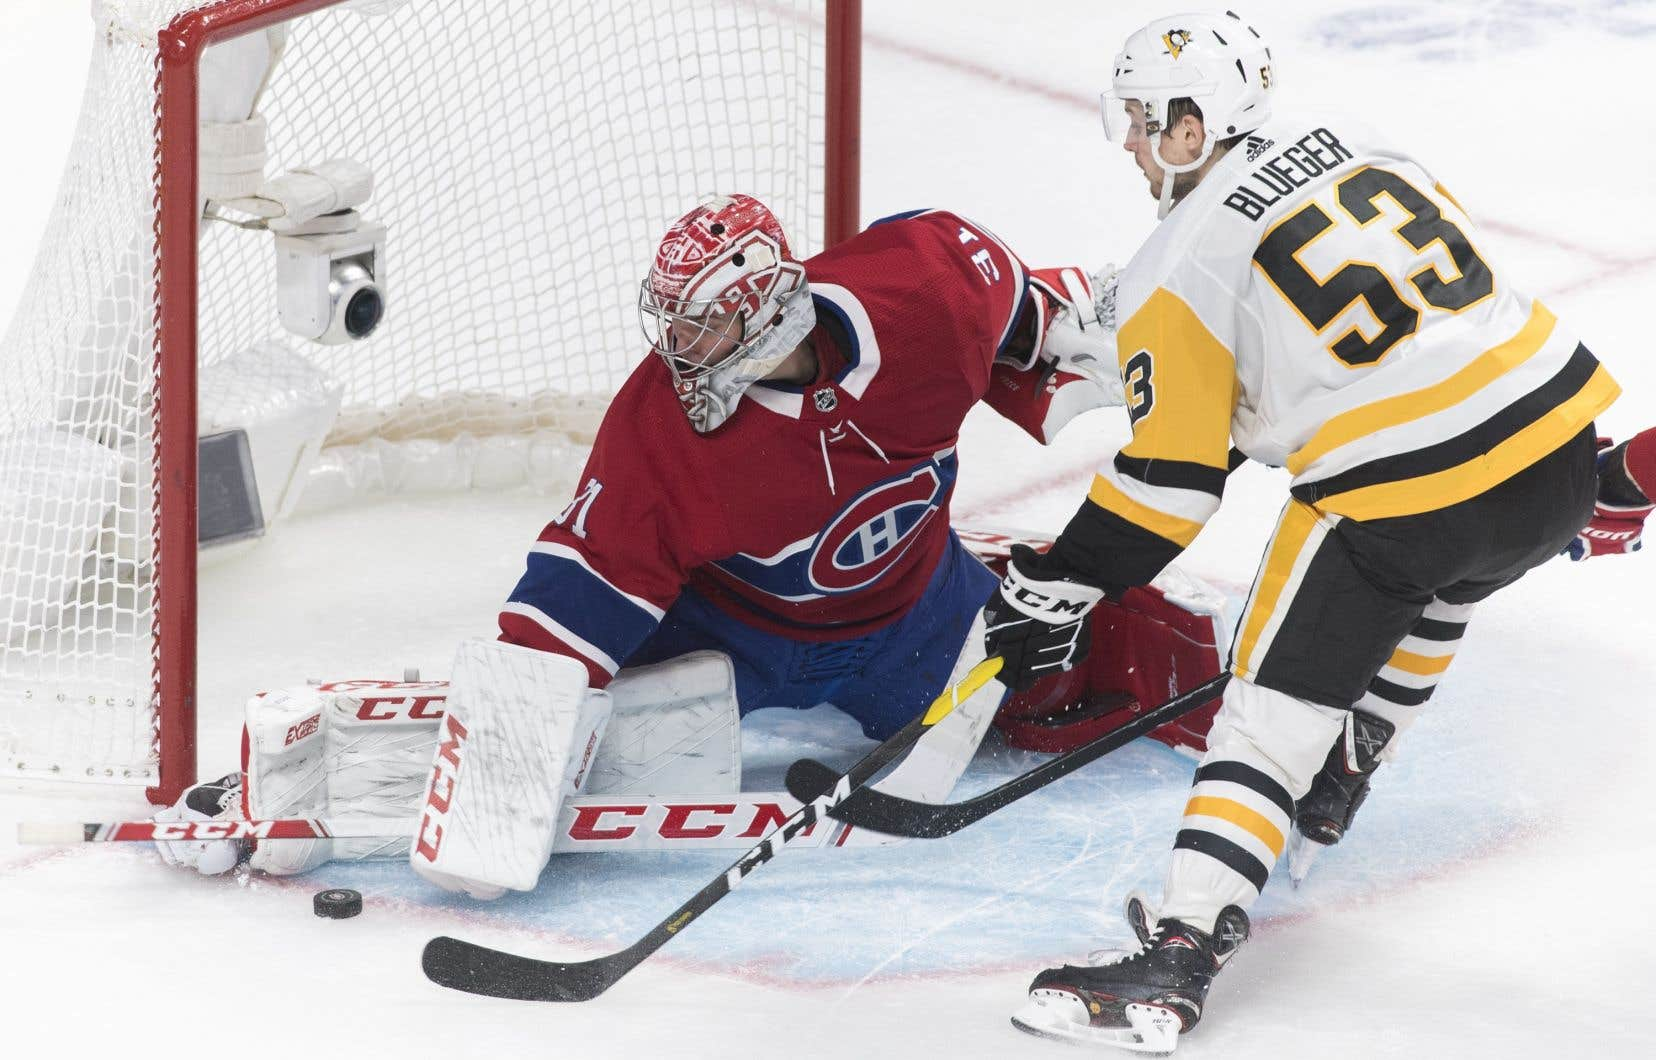 Les Penguins sont largement favoris dans cette série. Ils avaient 15 points de plus que le Tricolore au compteur, avec deux rencontres de moins, lorsque la saison de la LNH a été mise sur pause le 12 mars à cause de la pandémie.